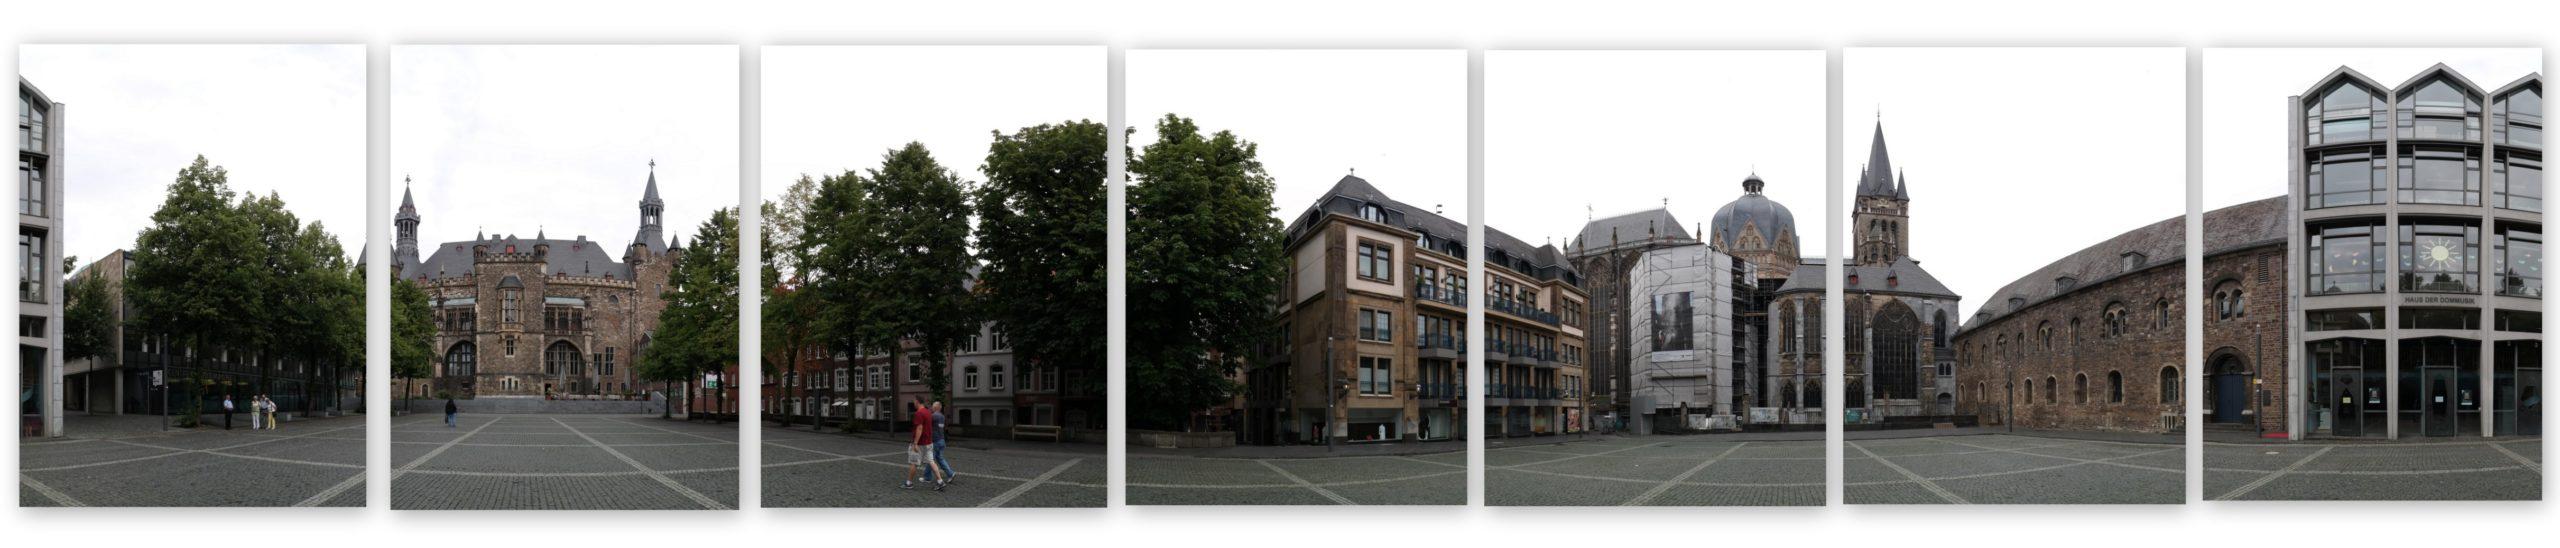 1-panorama Katschhof1